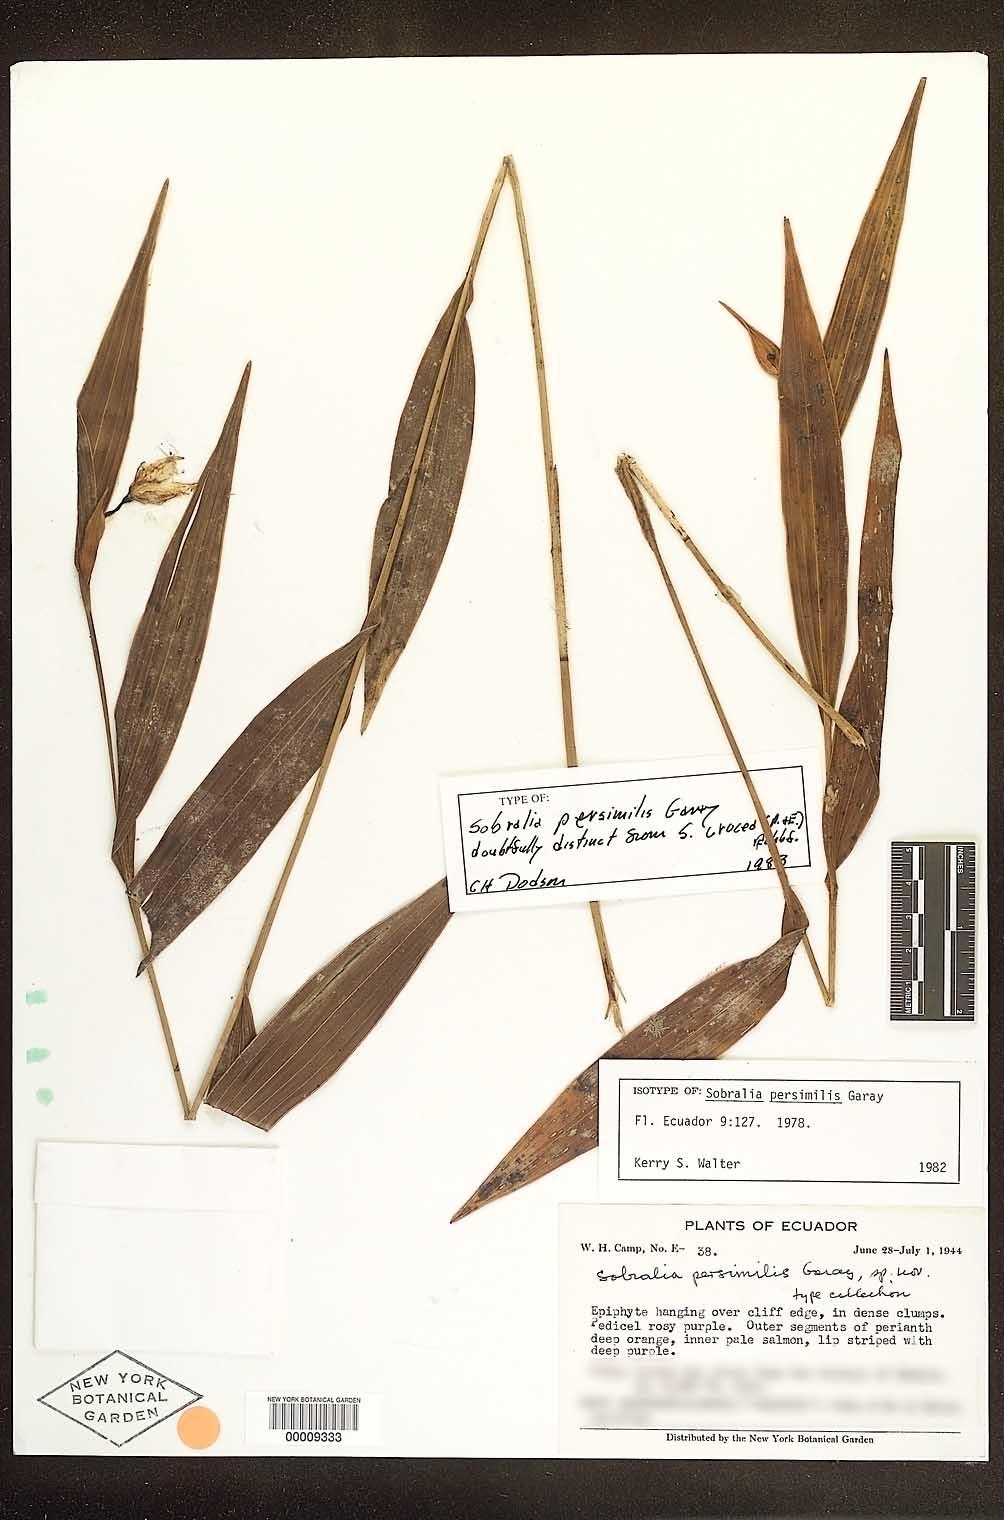 Sobralia persimilis herbarium sheet